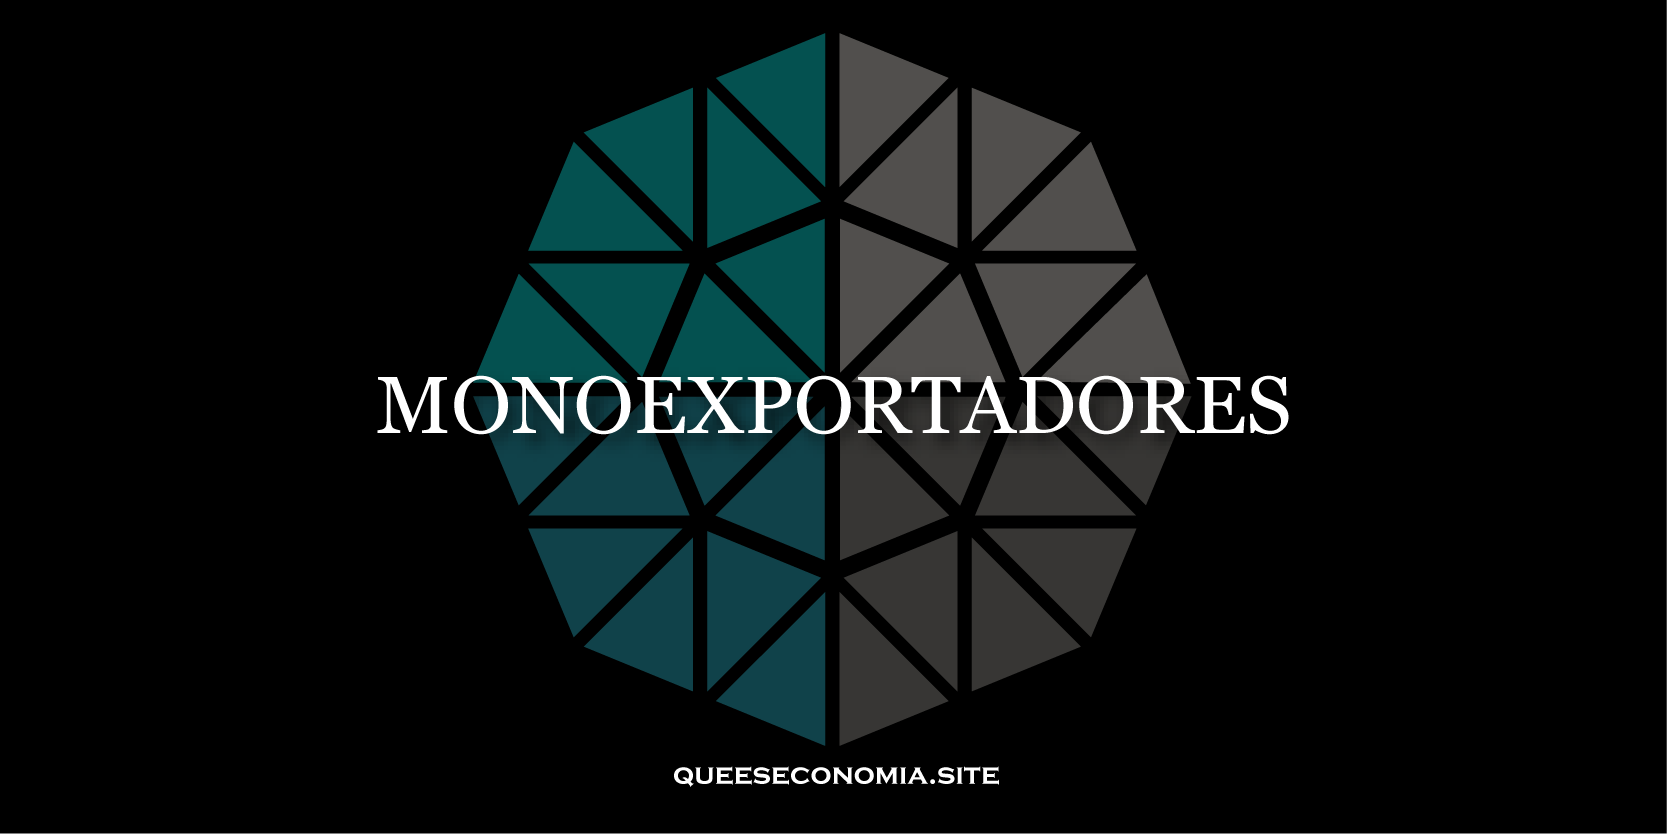 monoexportadores